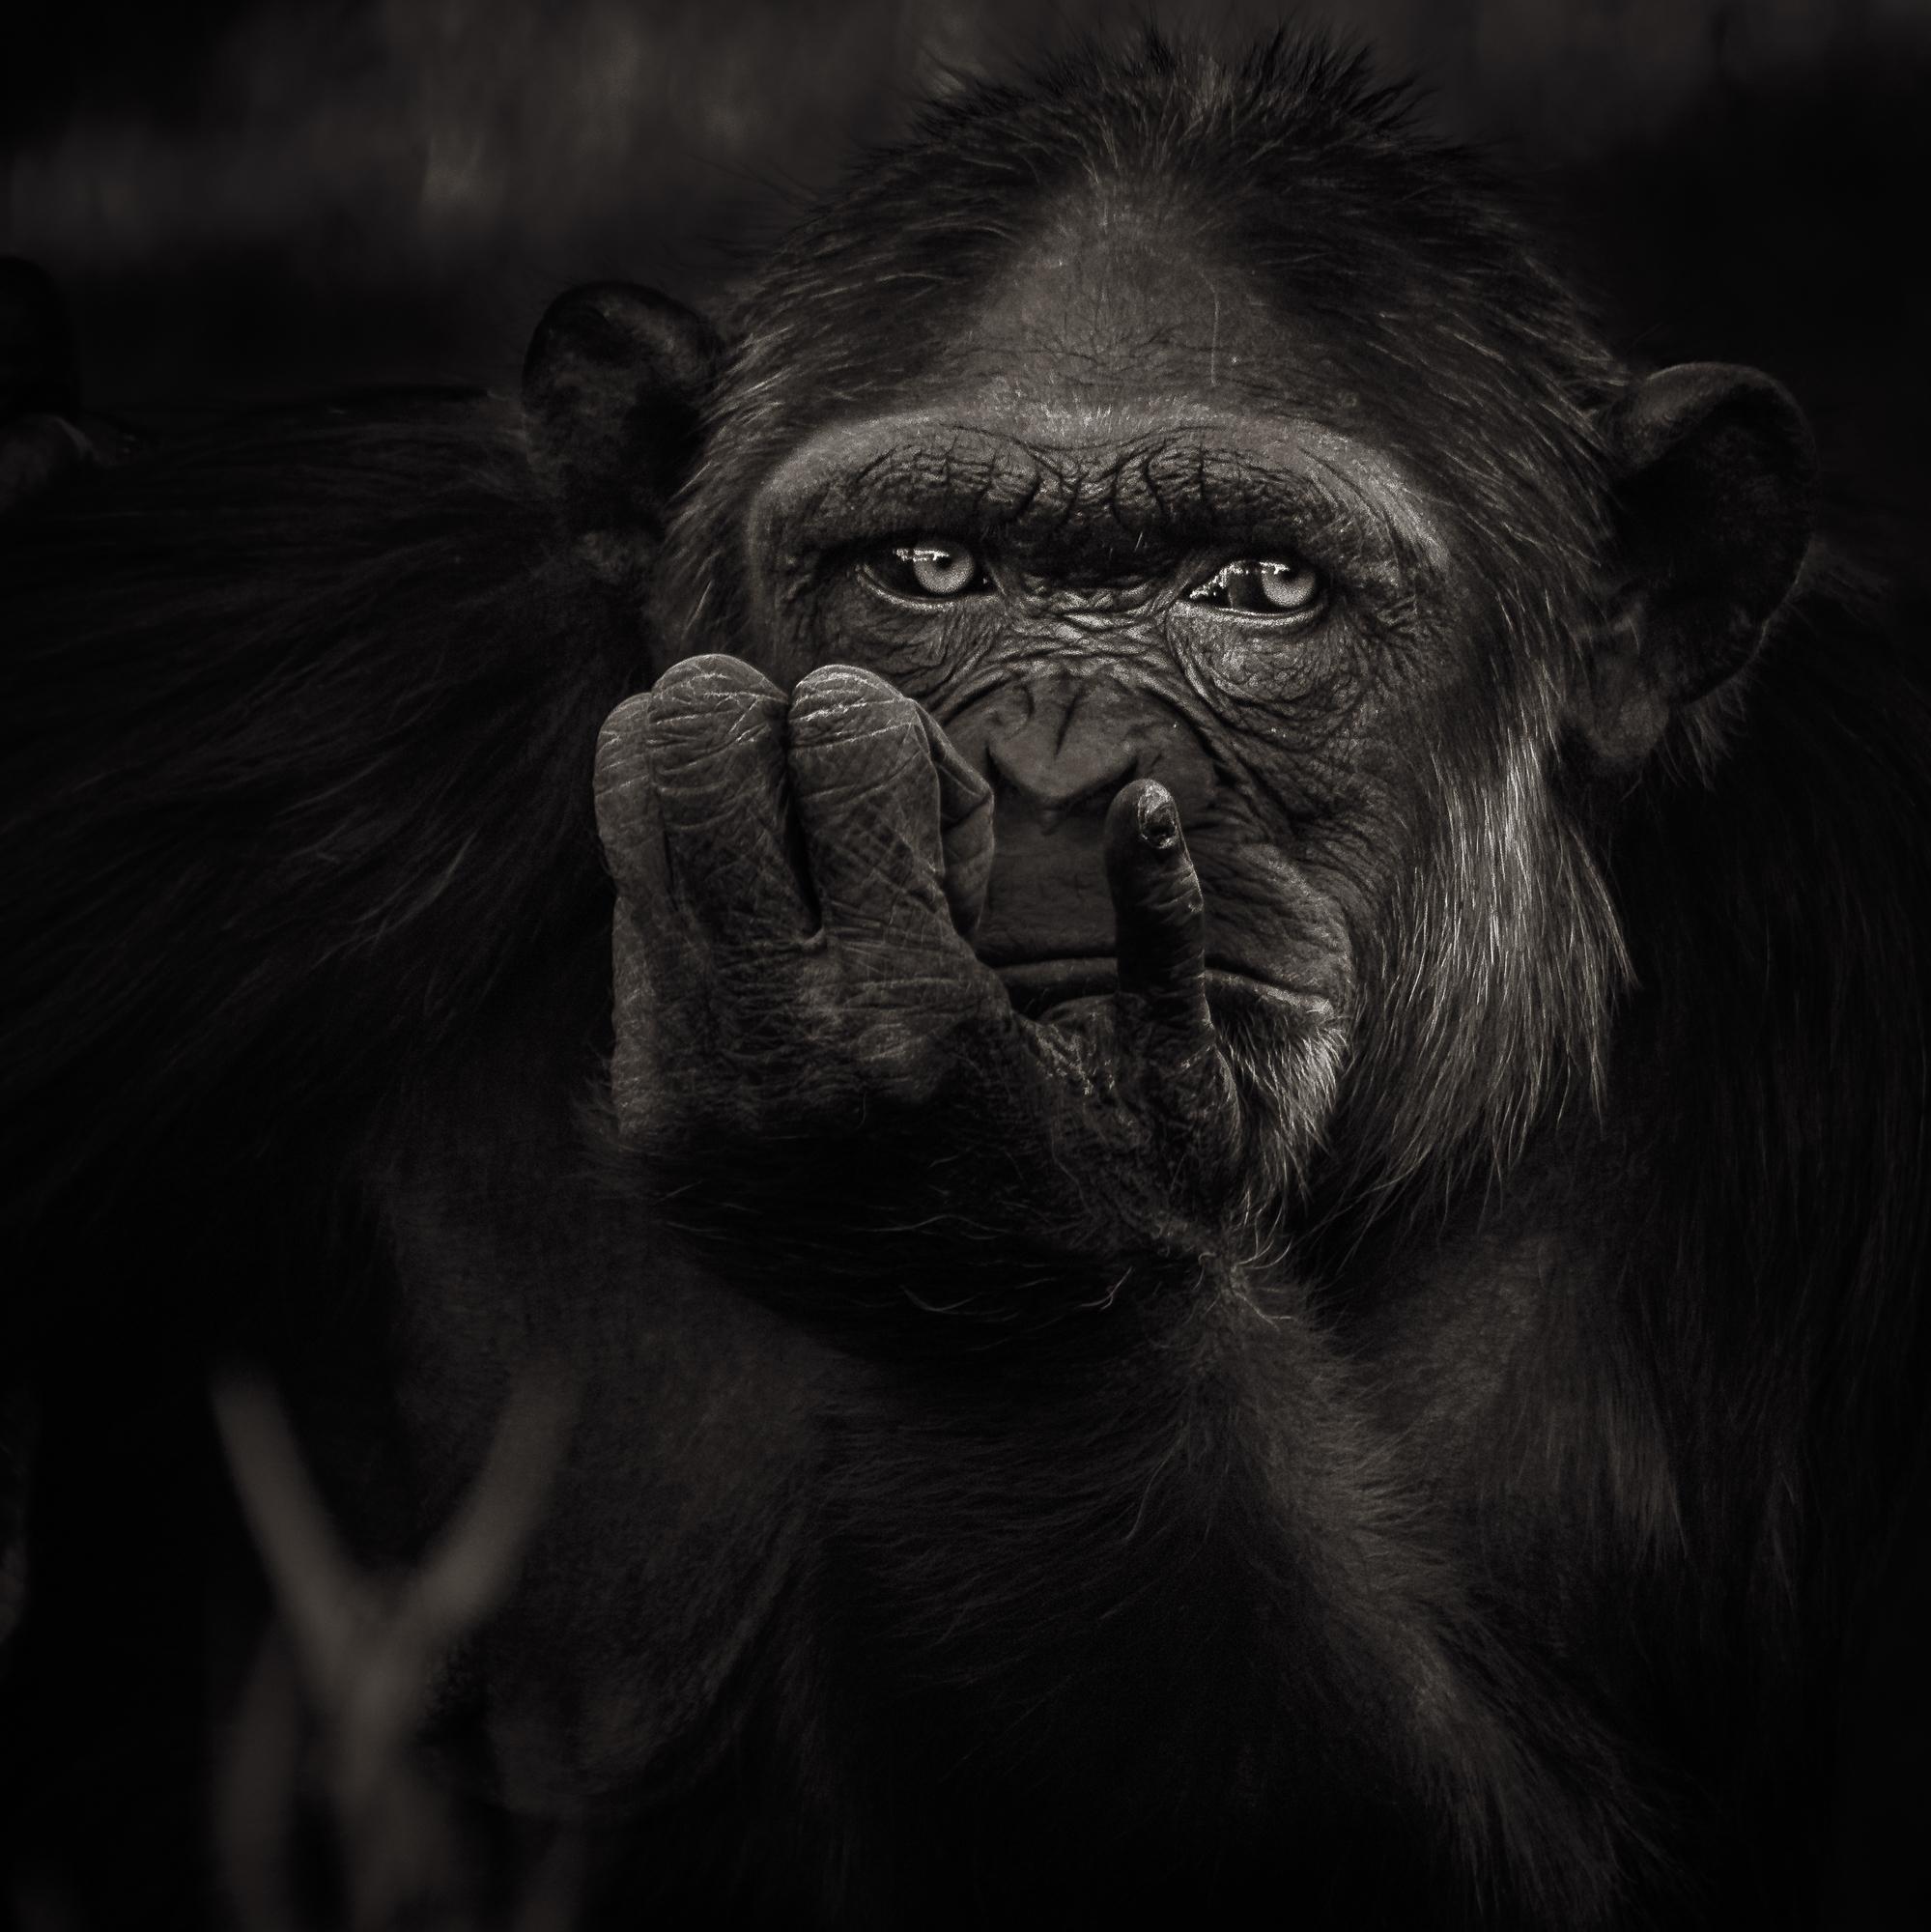 Chimp-thinking.jpg